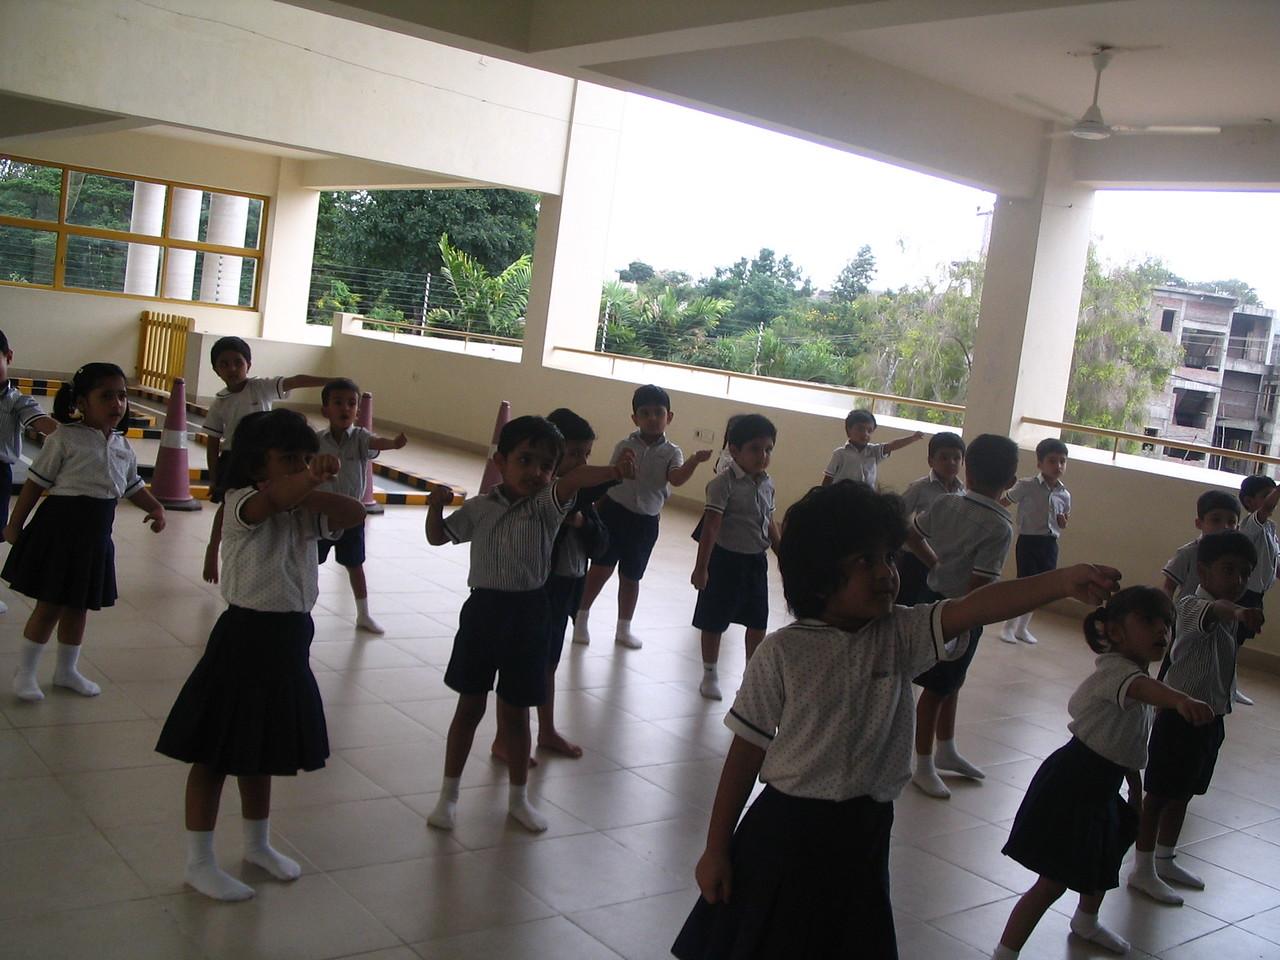 TIGGERS AT TAEKWONDO CLASS